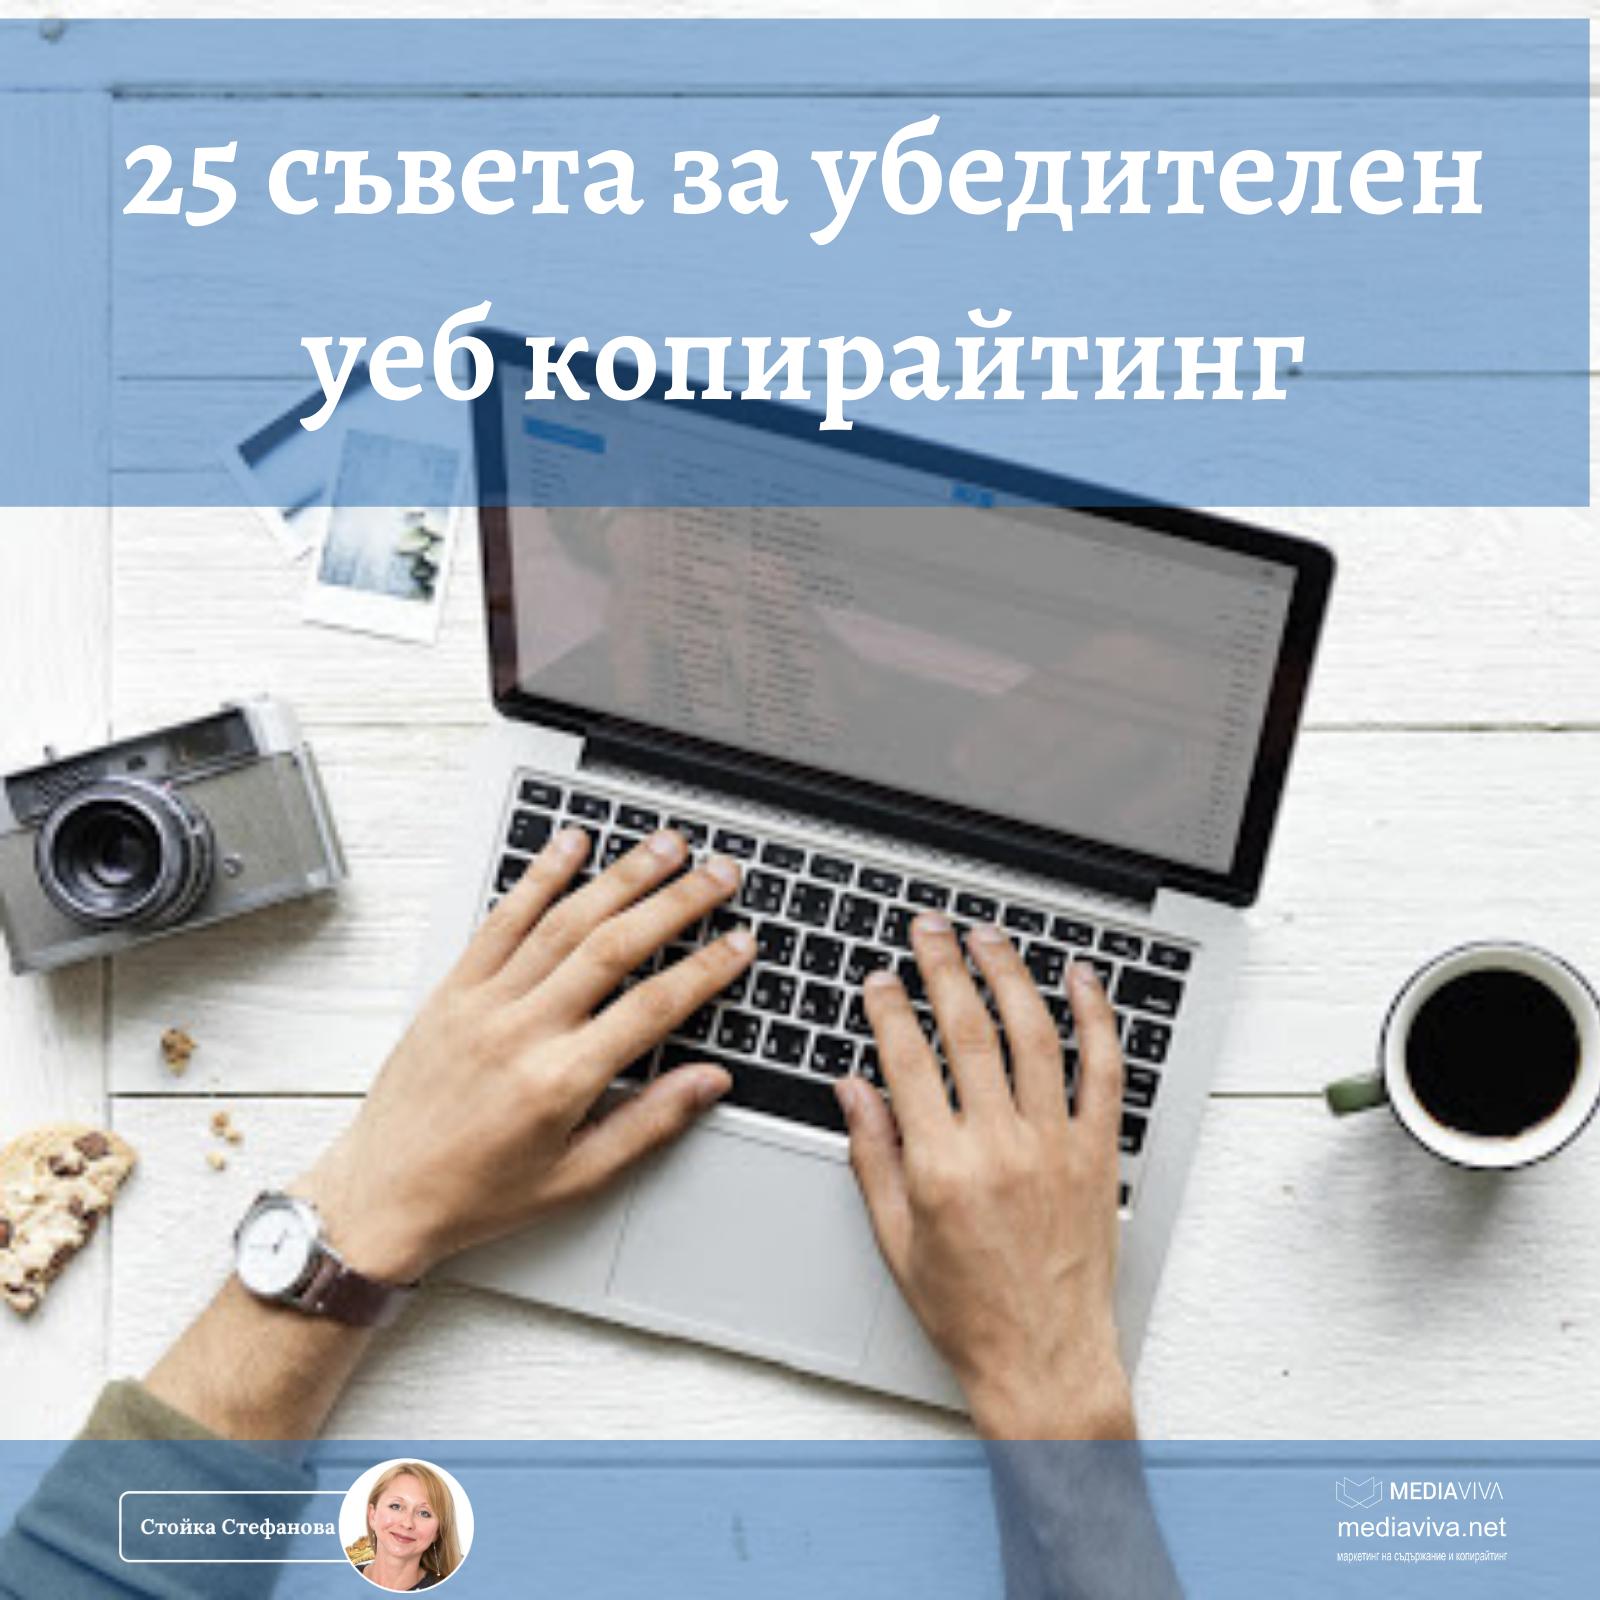 25 съвета за убедителен копирайтин